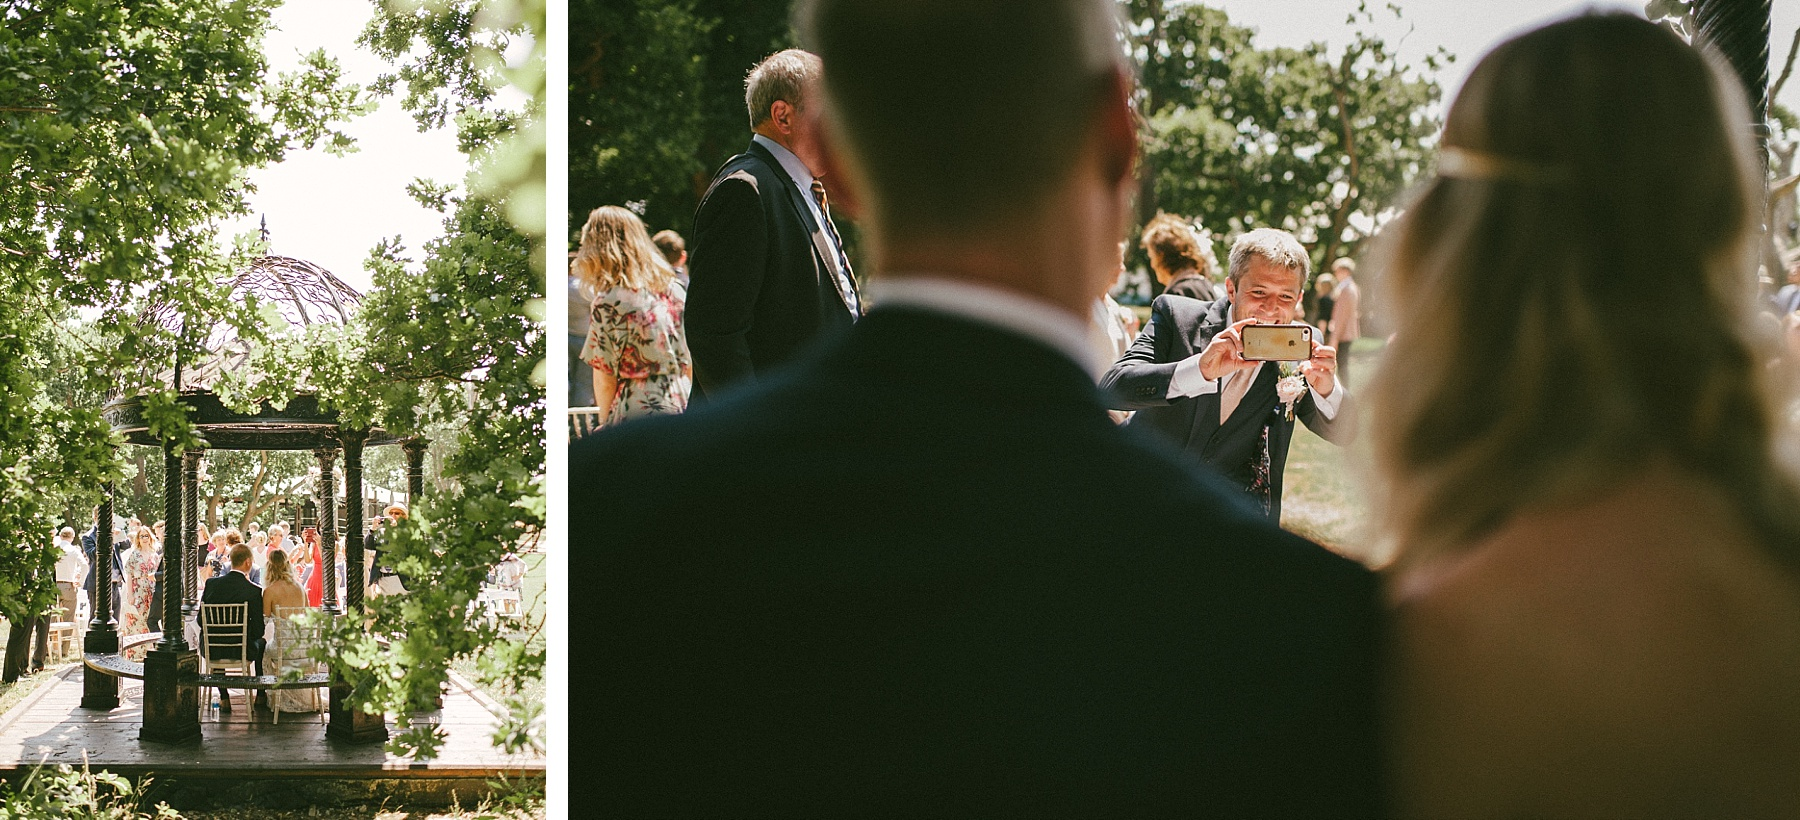 Summer estate wedding